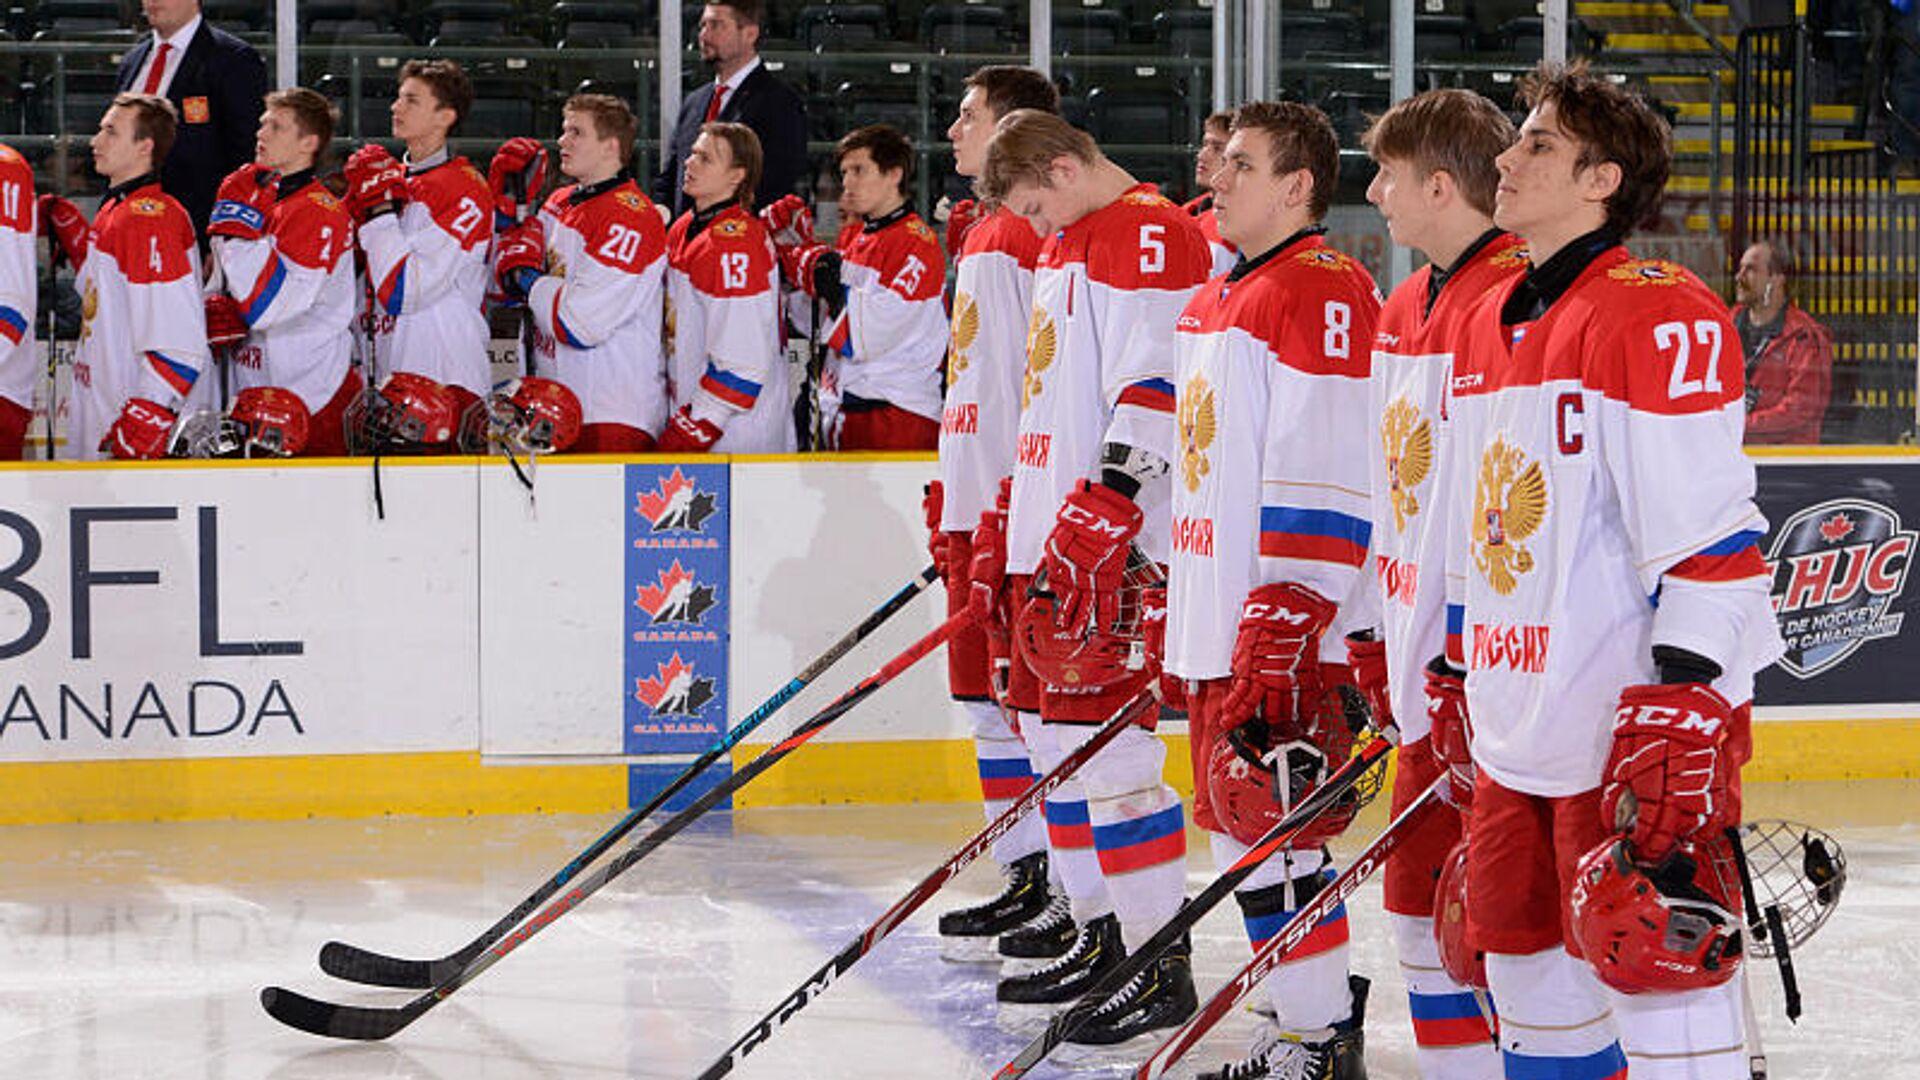 Юниорская сборная России по хоккею - РИА Новости, 1920, 08.05.2021